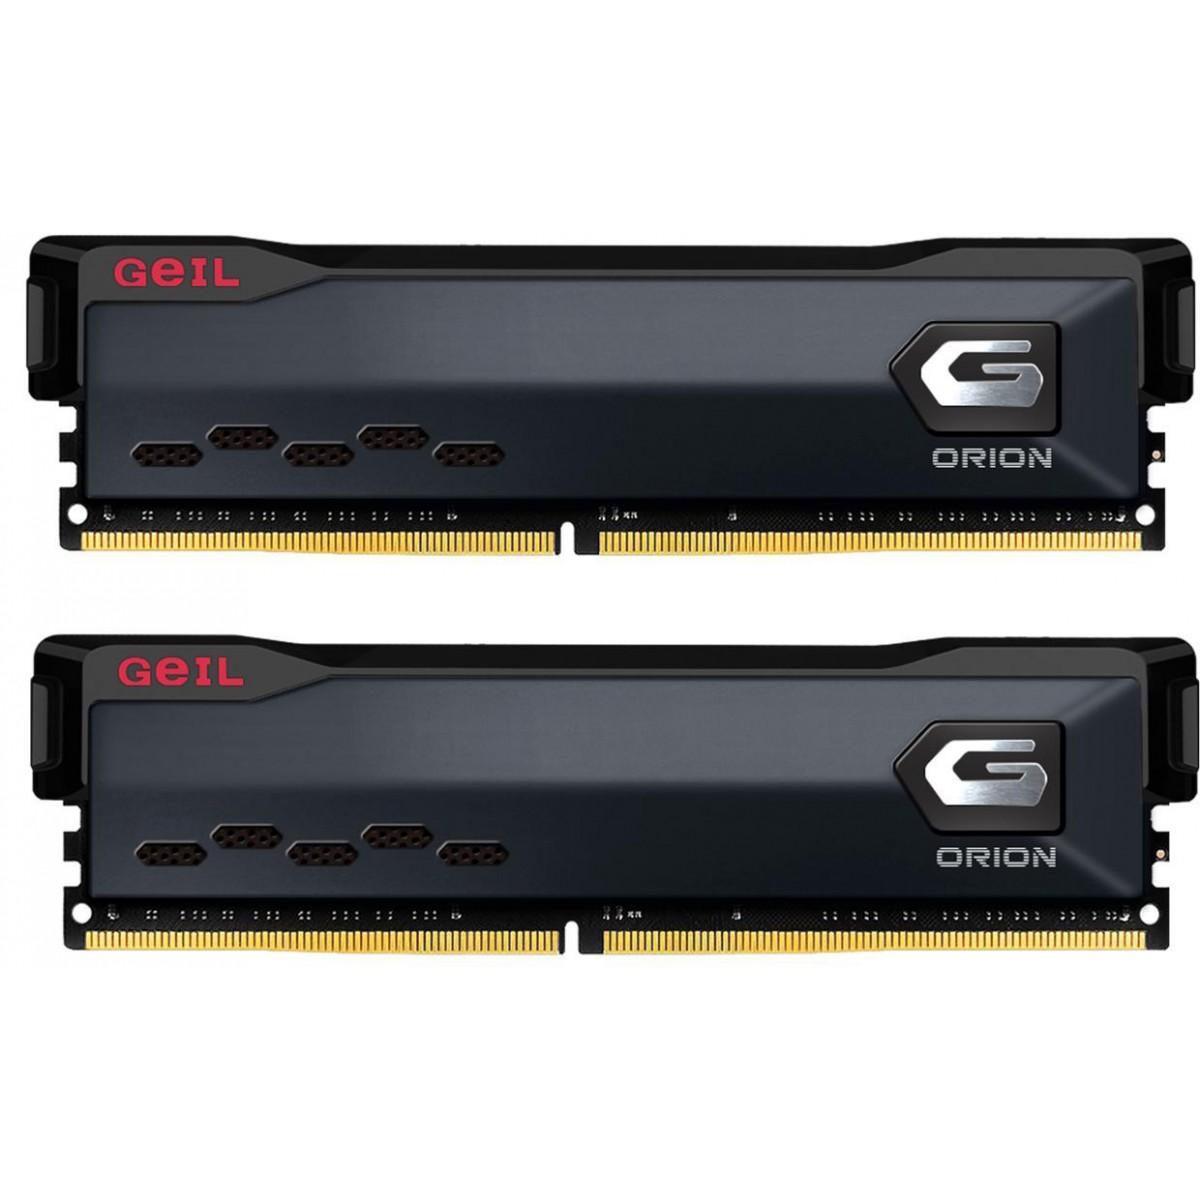 Memória DDR4 Geil Orgion, 32GB (2x16GB), 3200MHz, Black, GAOG432GB3200C16ADC